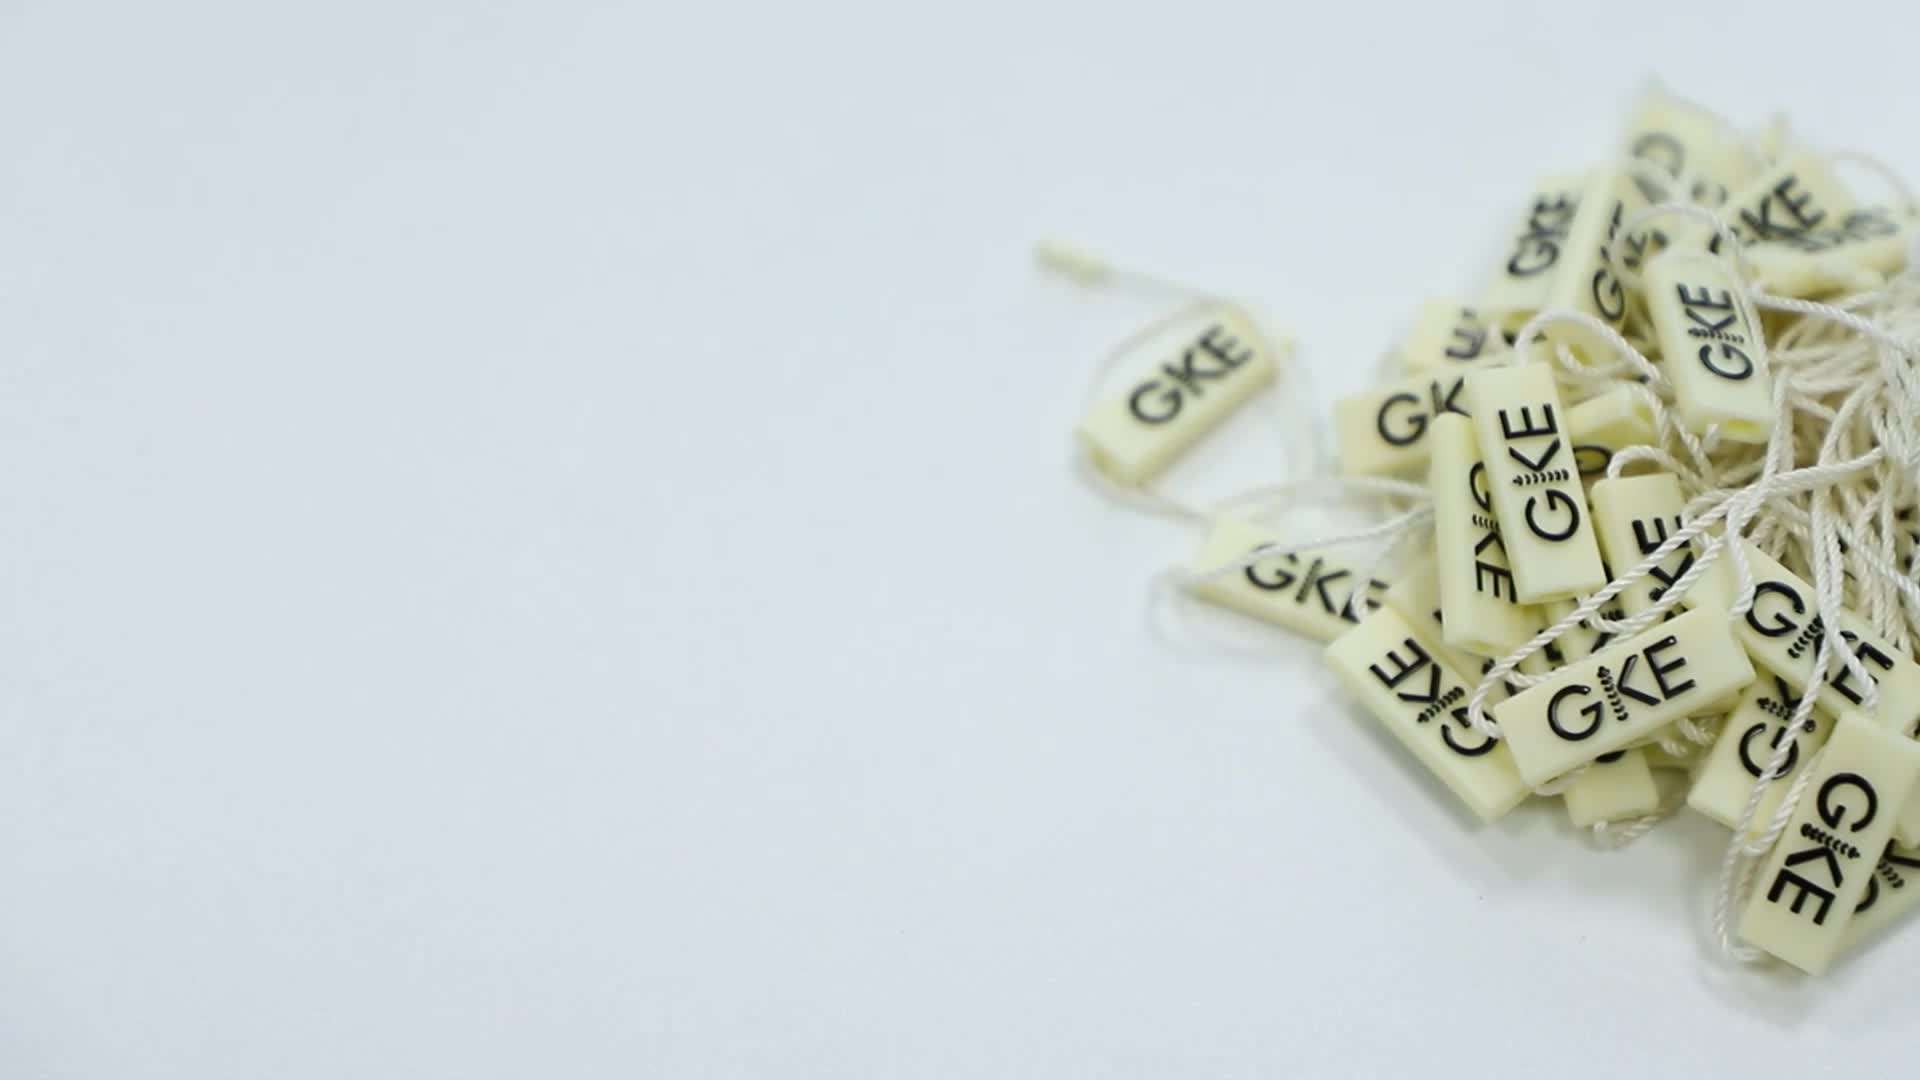 Chuỗi Hangtag Nhà Sản Xuất Giá Rẻ Thiết Kế Tuỳ Chỉnh Tên Thương Hiệu Logo May Kim Loại Treo Chuỗi Tag